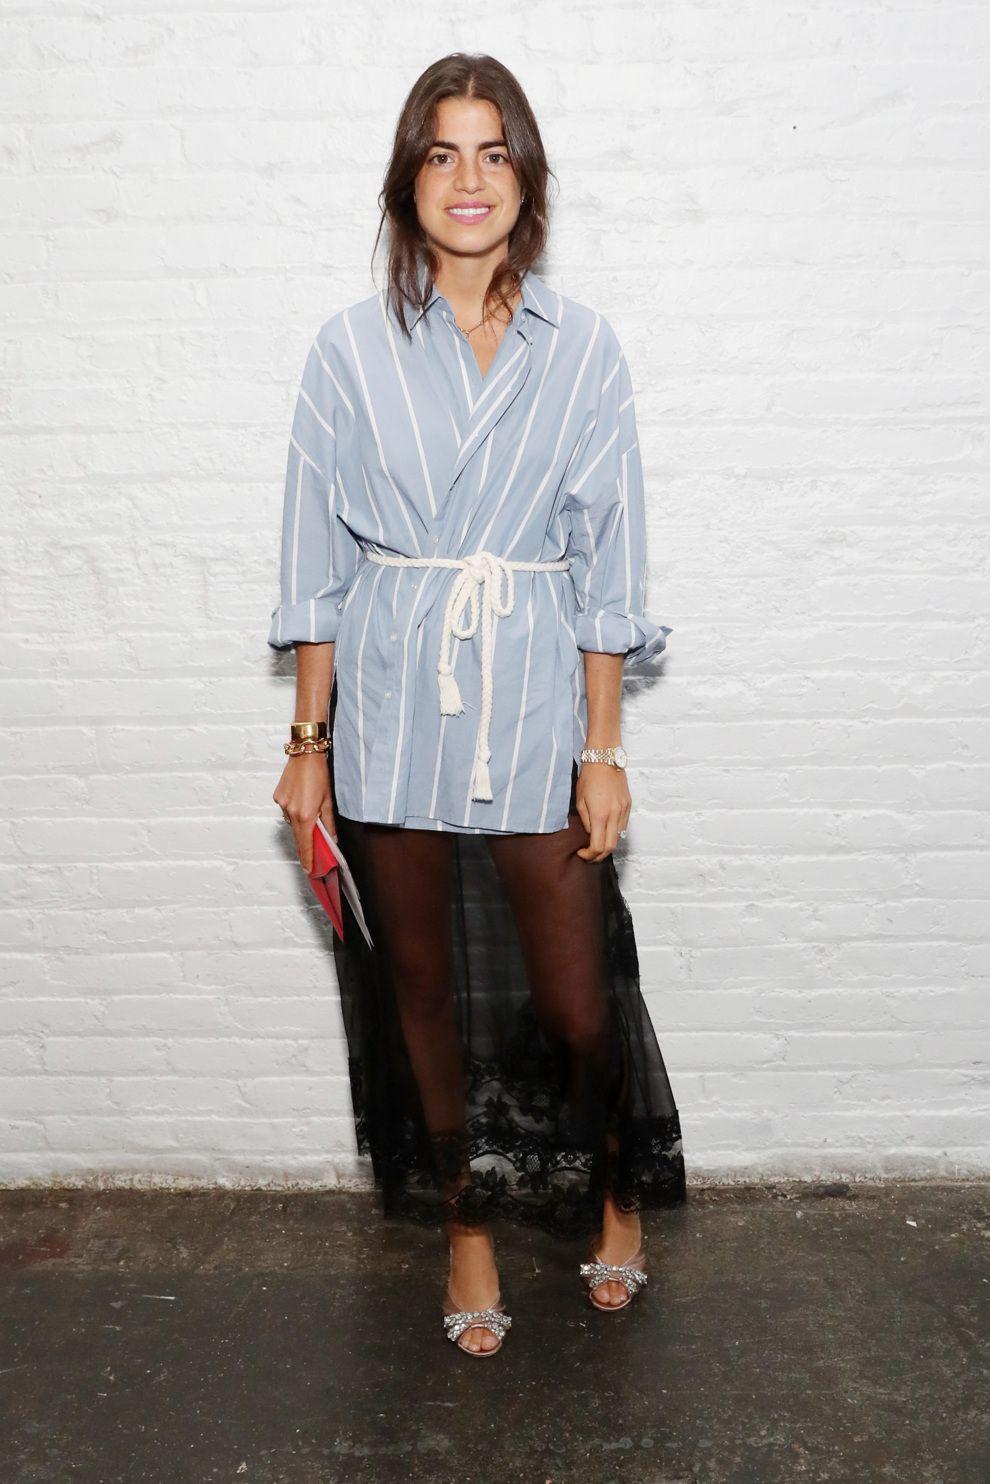 Leandra Medine consigue darle a su camisa un estilo sofisticado y oriental, sólo mediante el sencillo gesto de ceñirla y cruzarla sin abrocharse los botones. Tomamos nota.